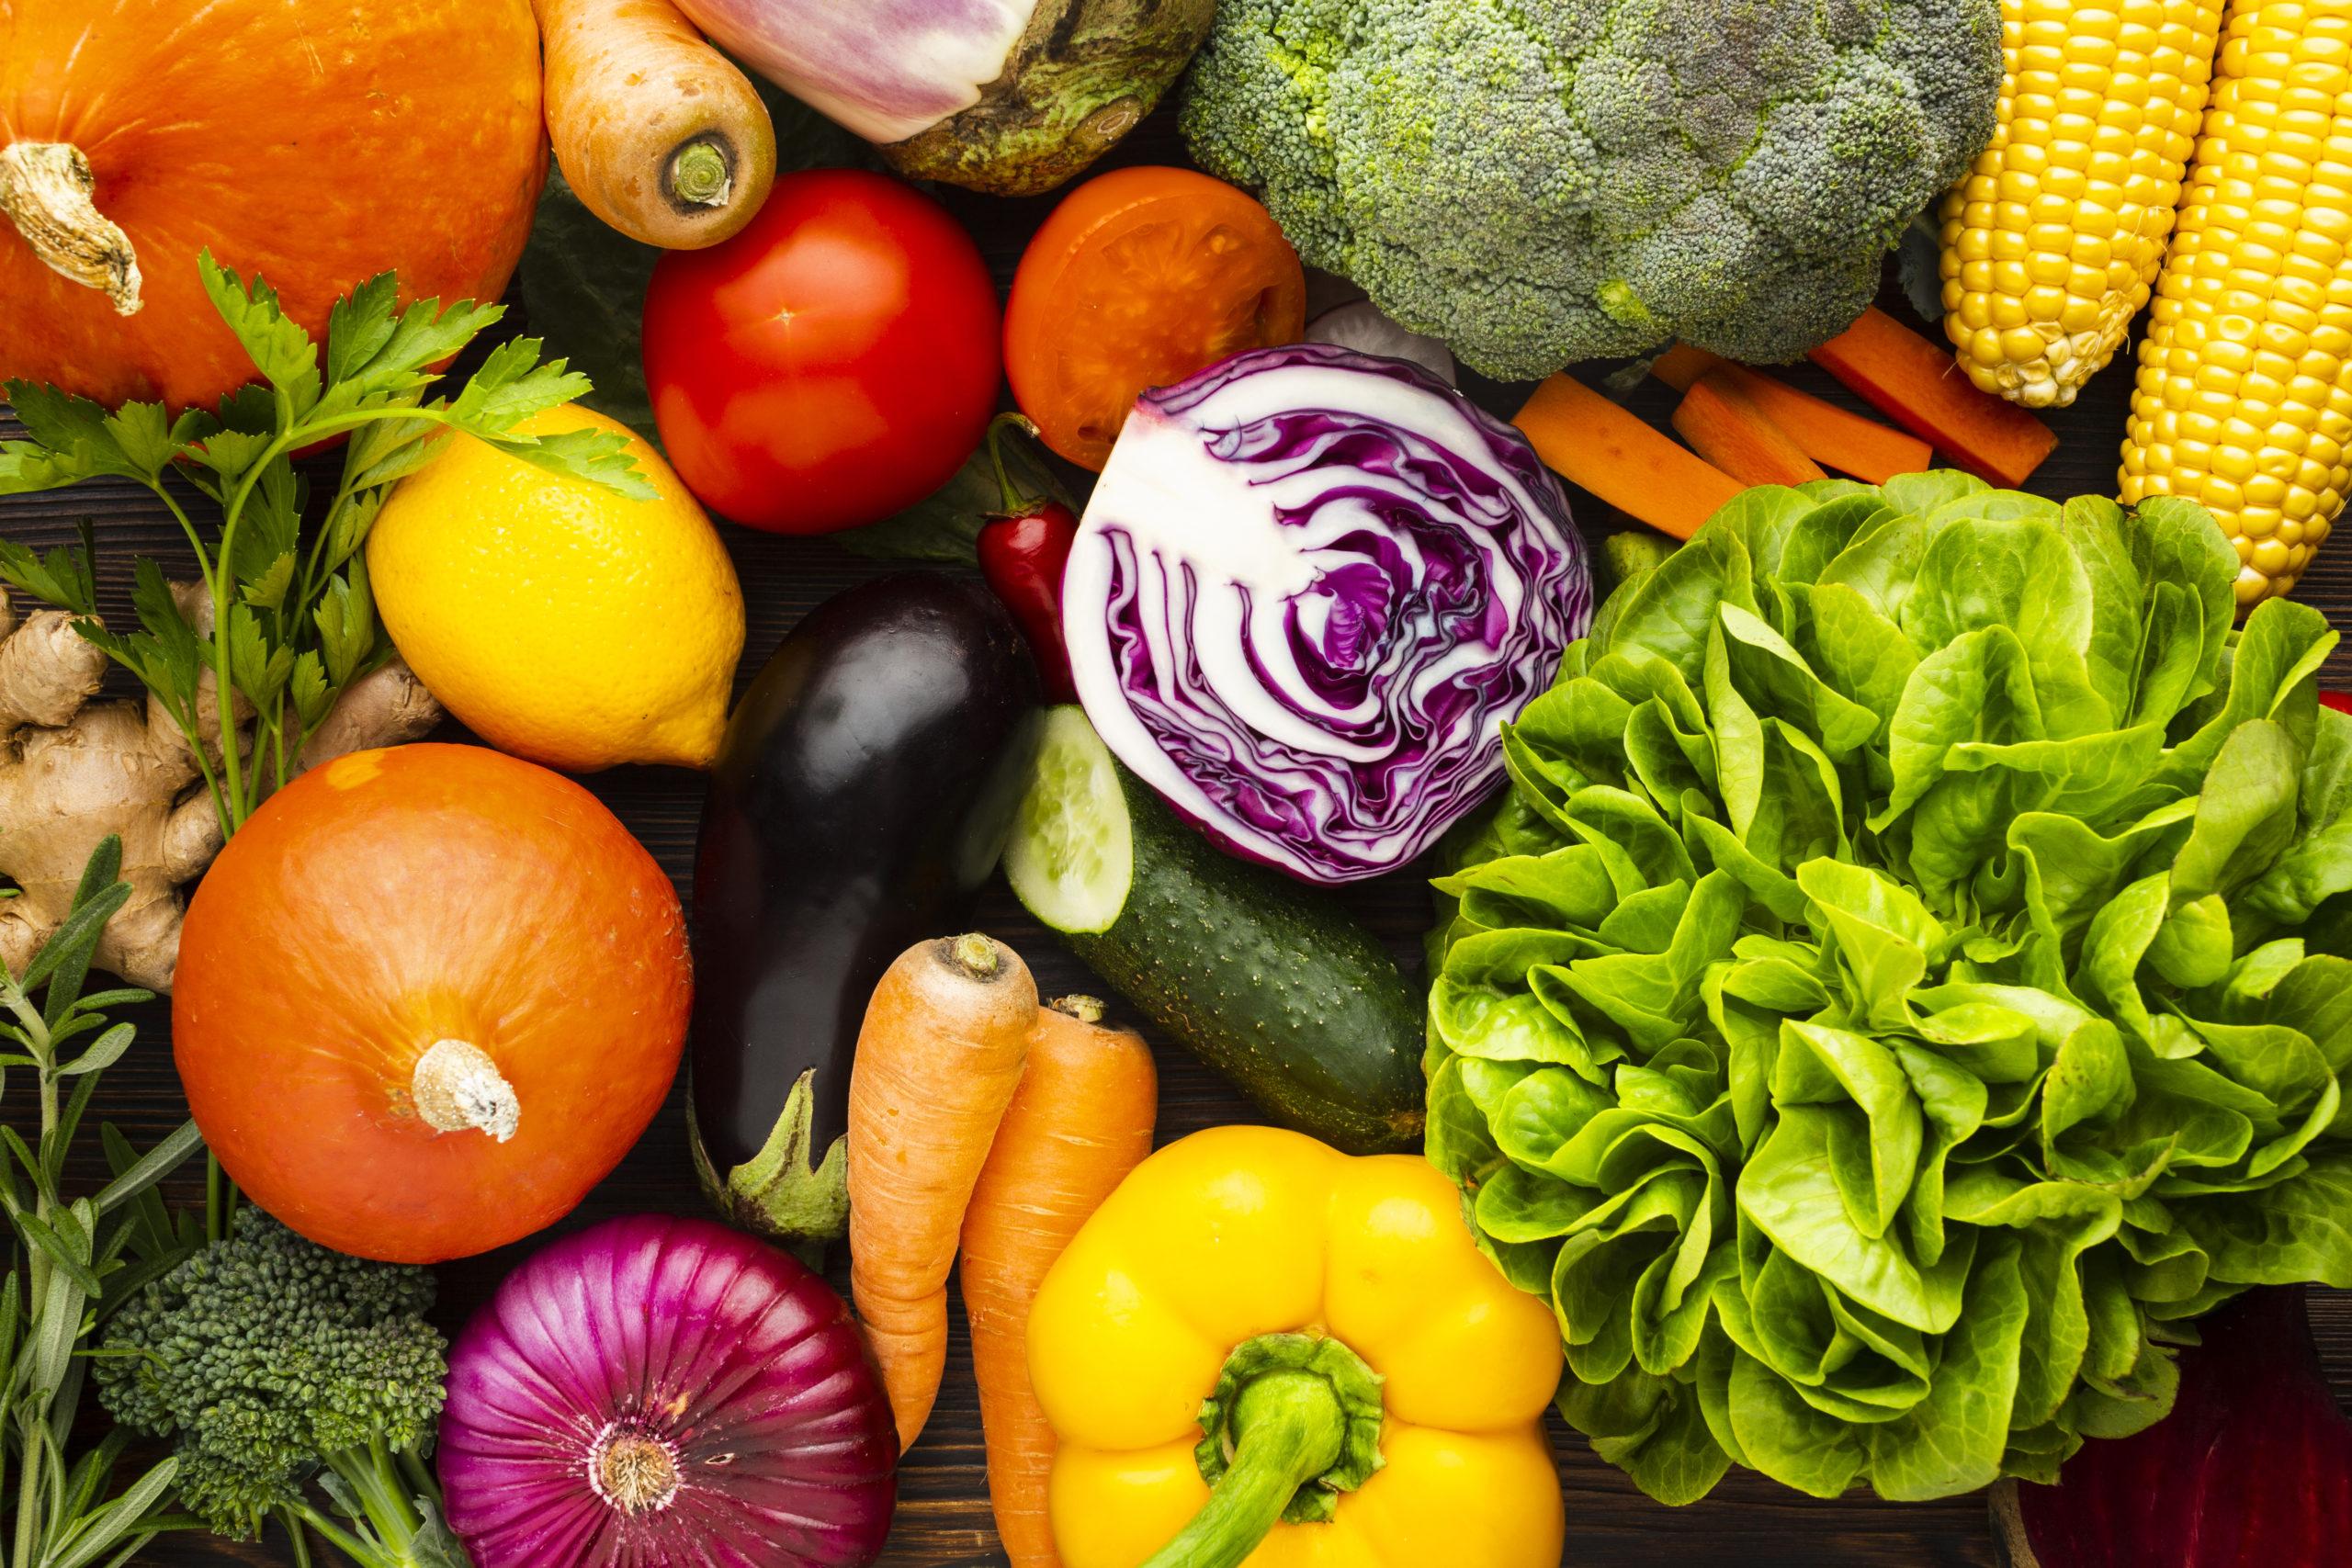 タンパク質は何と一緒に摂るのがいいの?